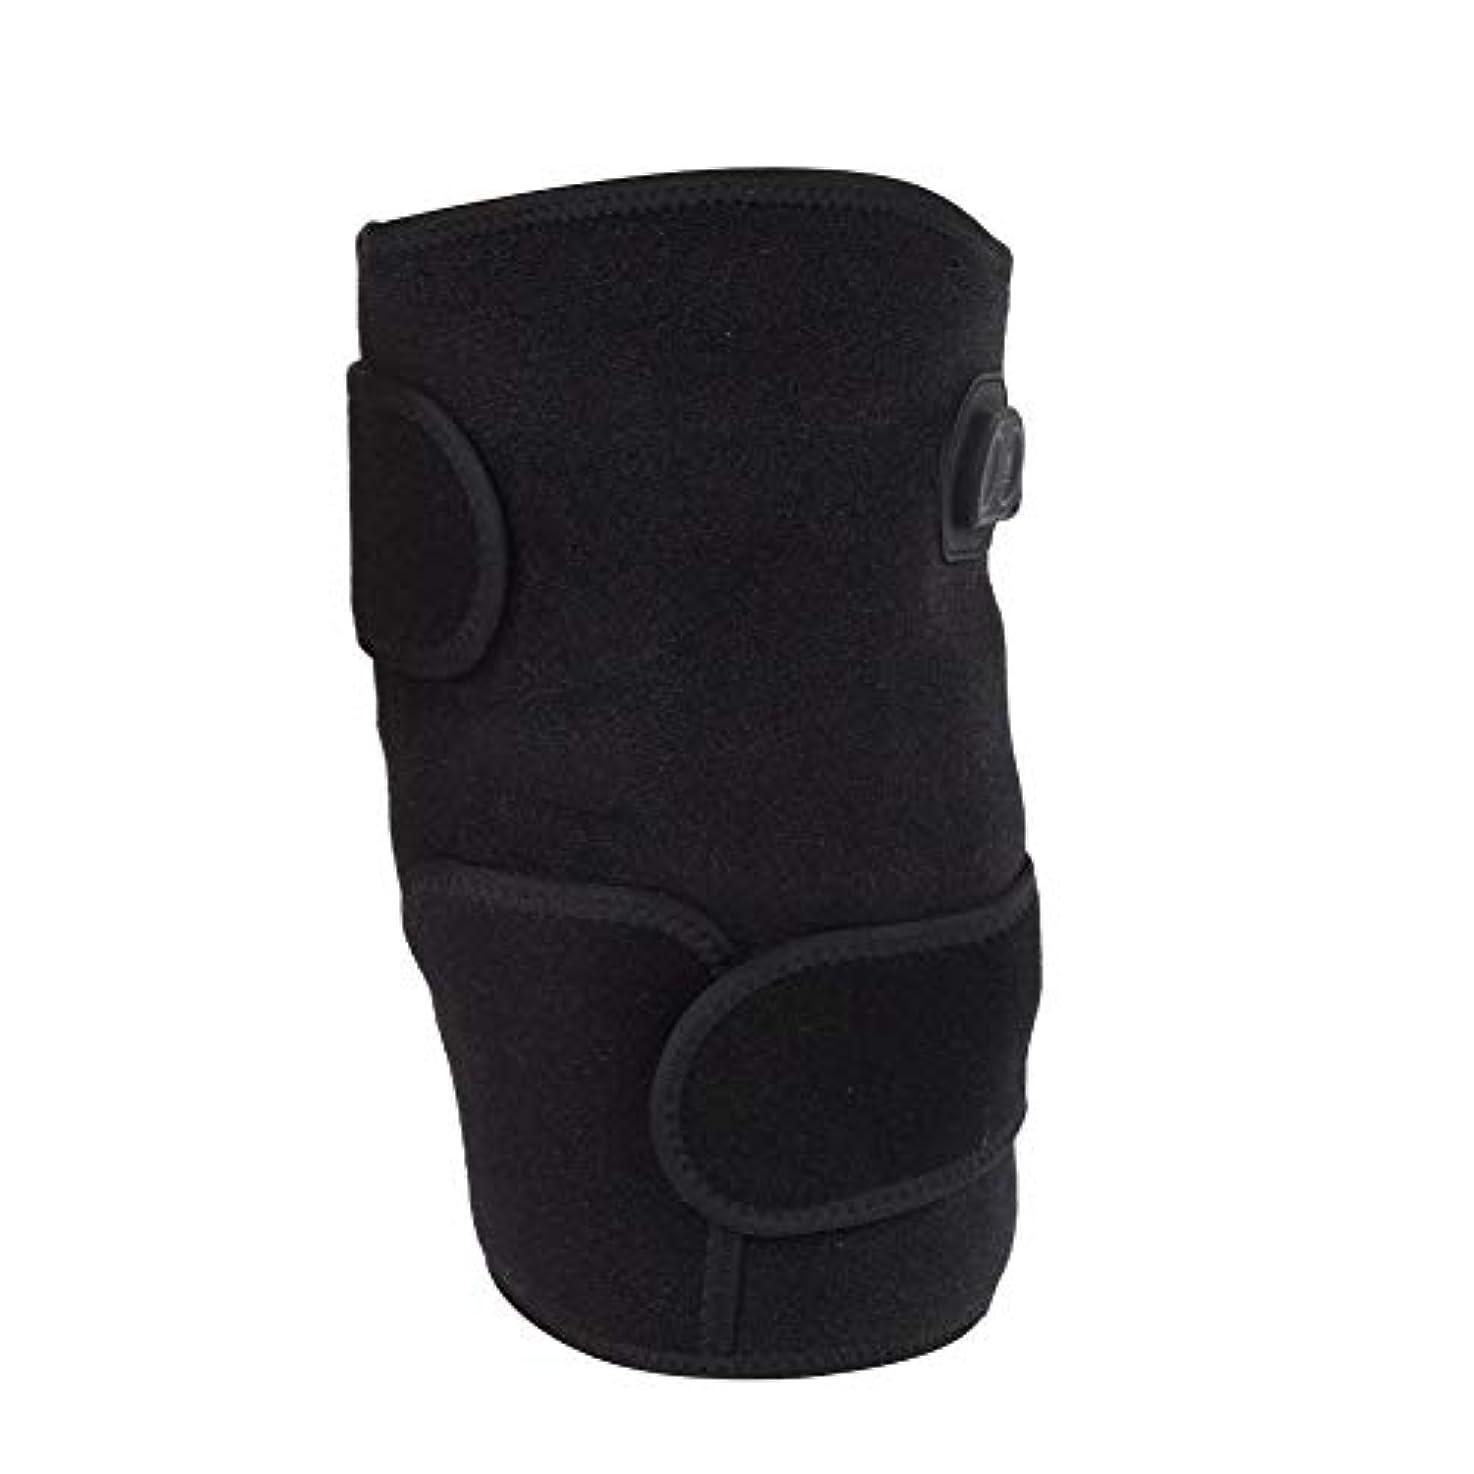 自動ハイジャック誘惑加熱膝パッド、電熱膝ブレース加熱保温のための柔軟な機動性を備えた鎮痛膝サポートコンプレッサー